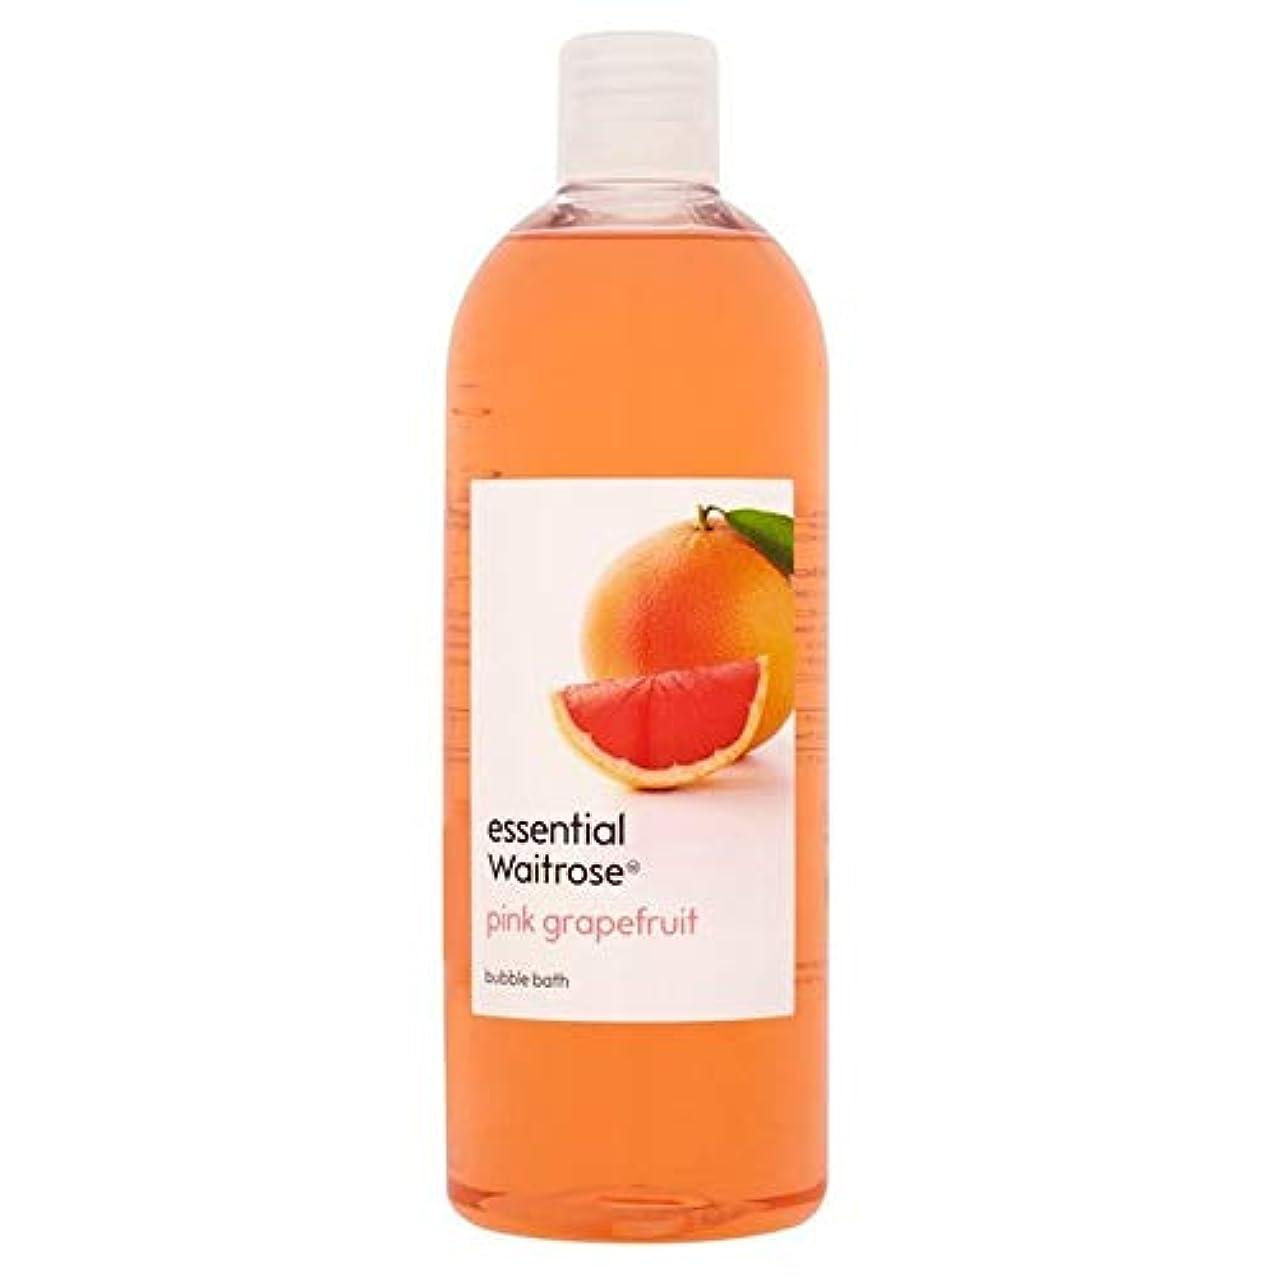 然とした賠償ドラフト[Waitrose ] 基本的なウェイトローズの泡風呂ピンクグレープフルーツ750ミリリットル - Essential Waitrose Bubble Bath Pink Grapefruit 750ml [並行輸入品]